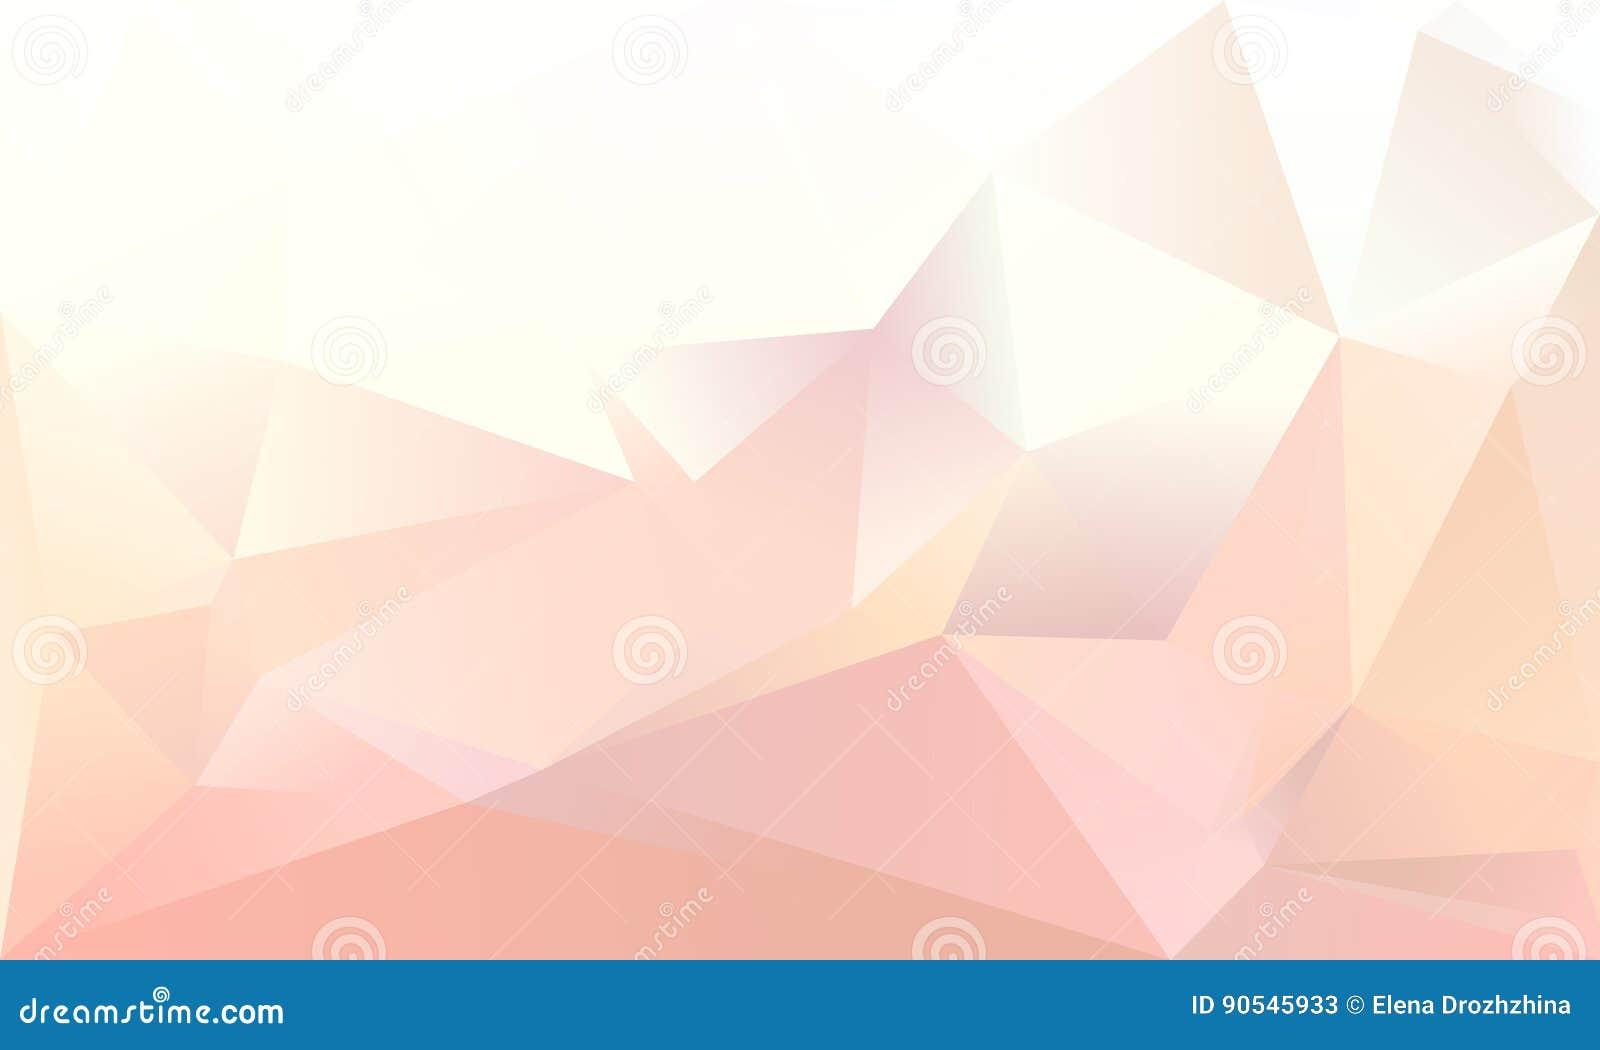 Fondo abstracto del triángulo